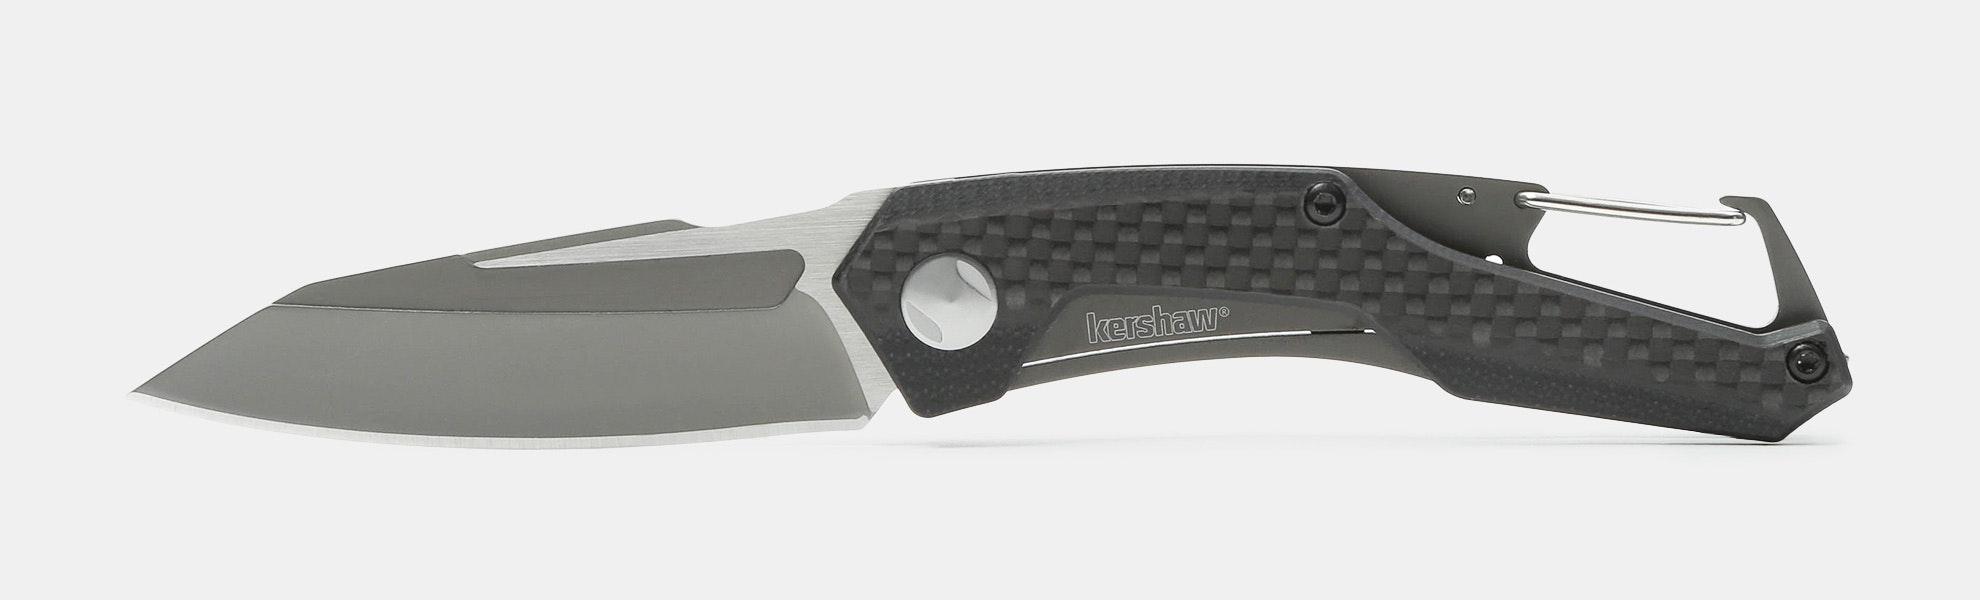 Kershaw Reverb Frame Lock Knife